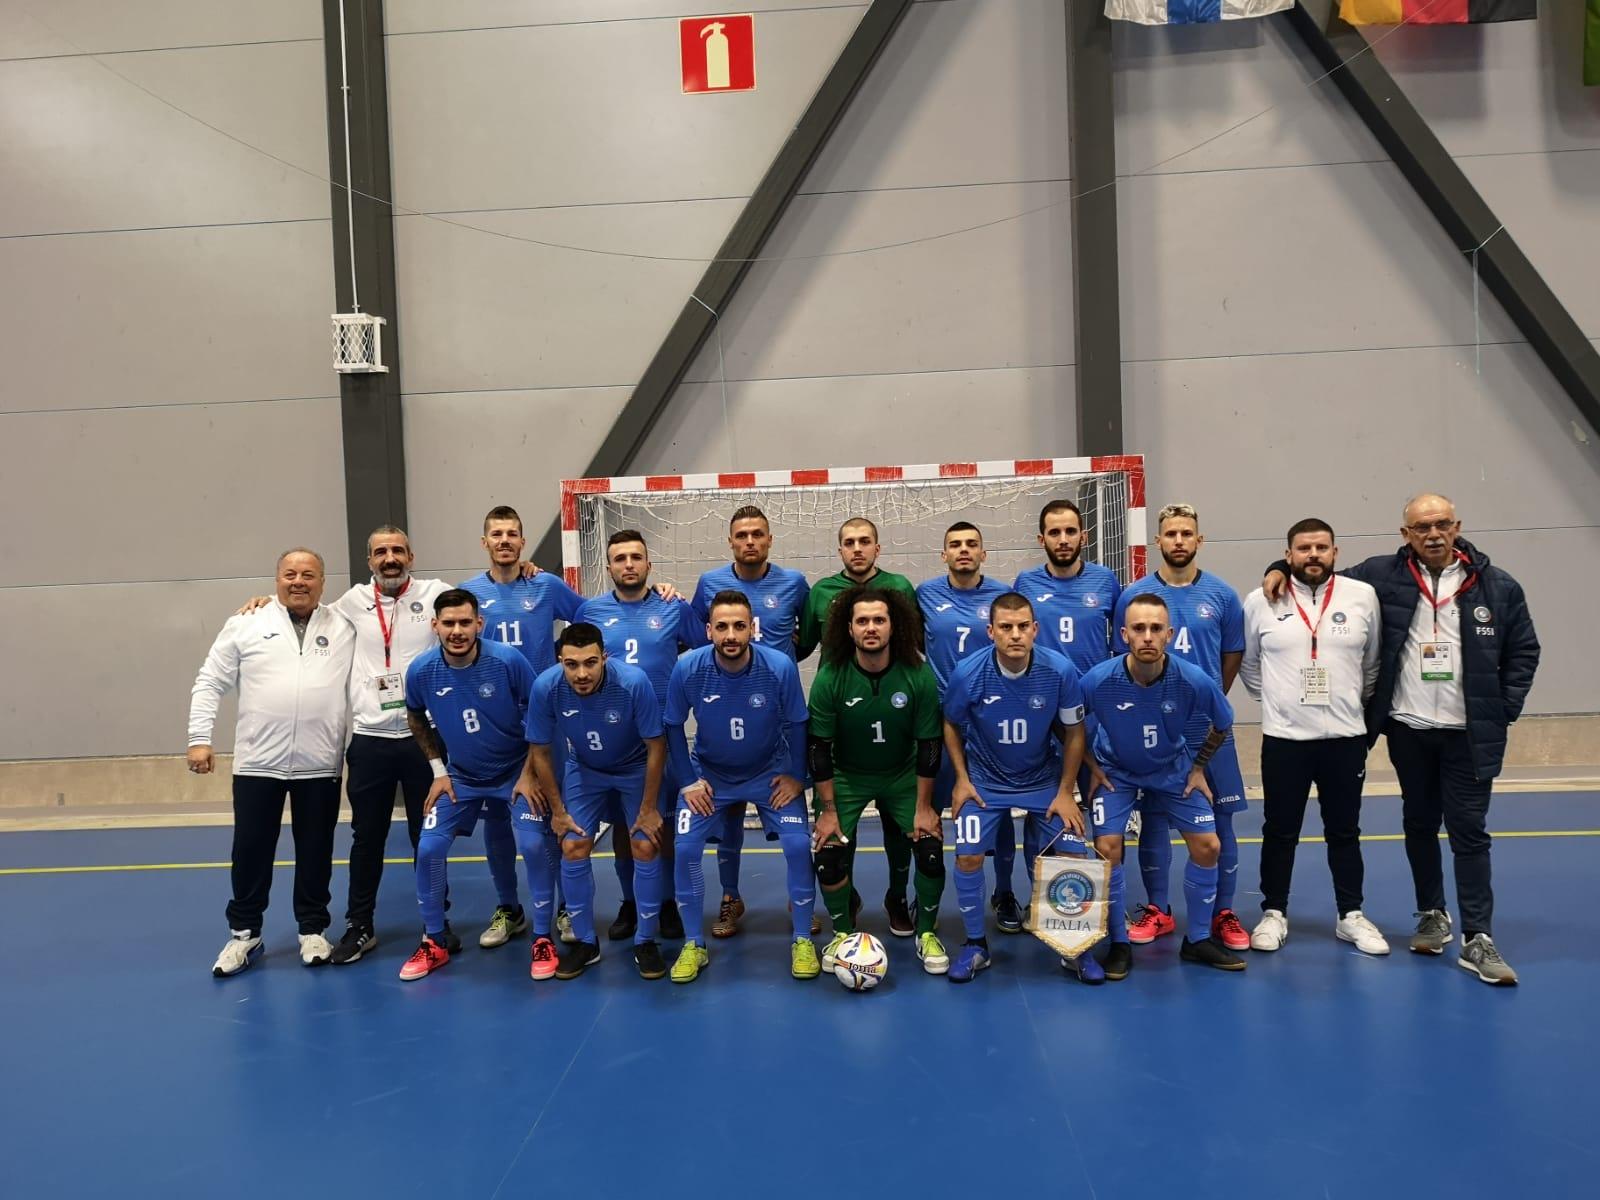 Futsal Tampere